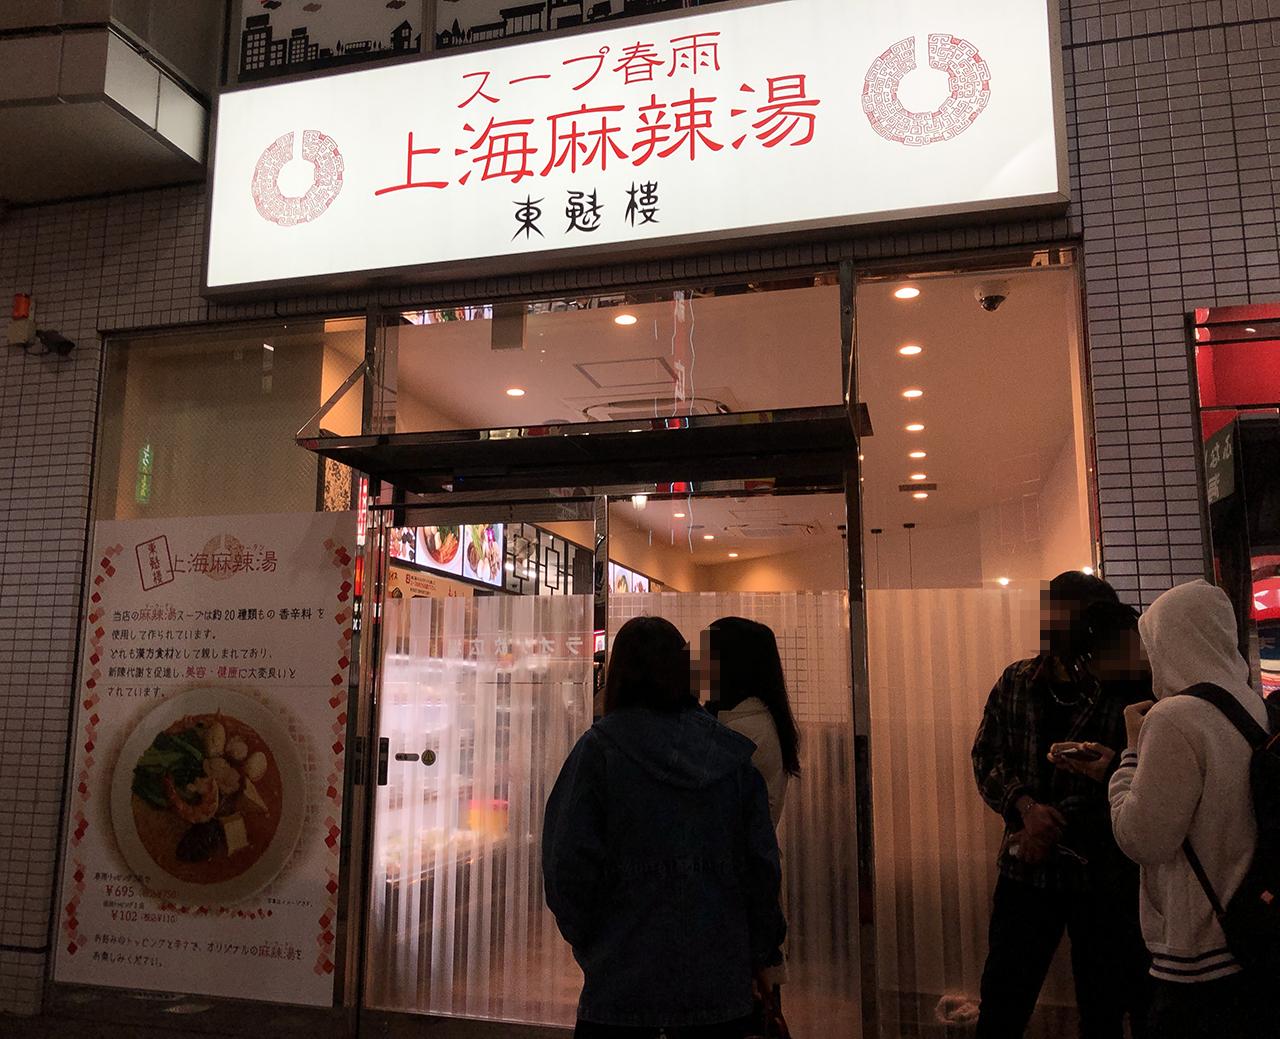 東魁楼 上海麻辣湯の投稿写真5